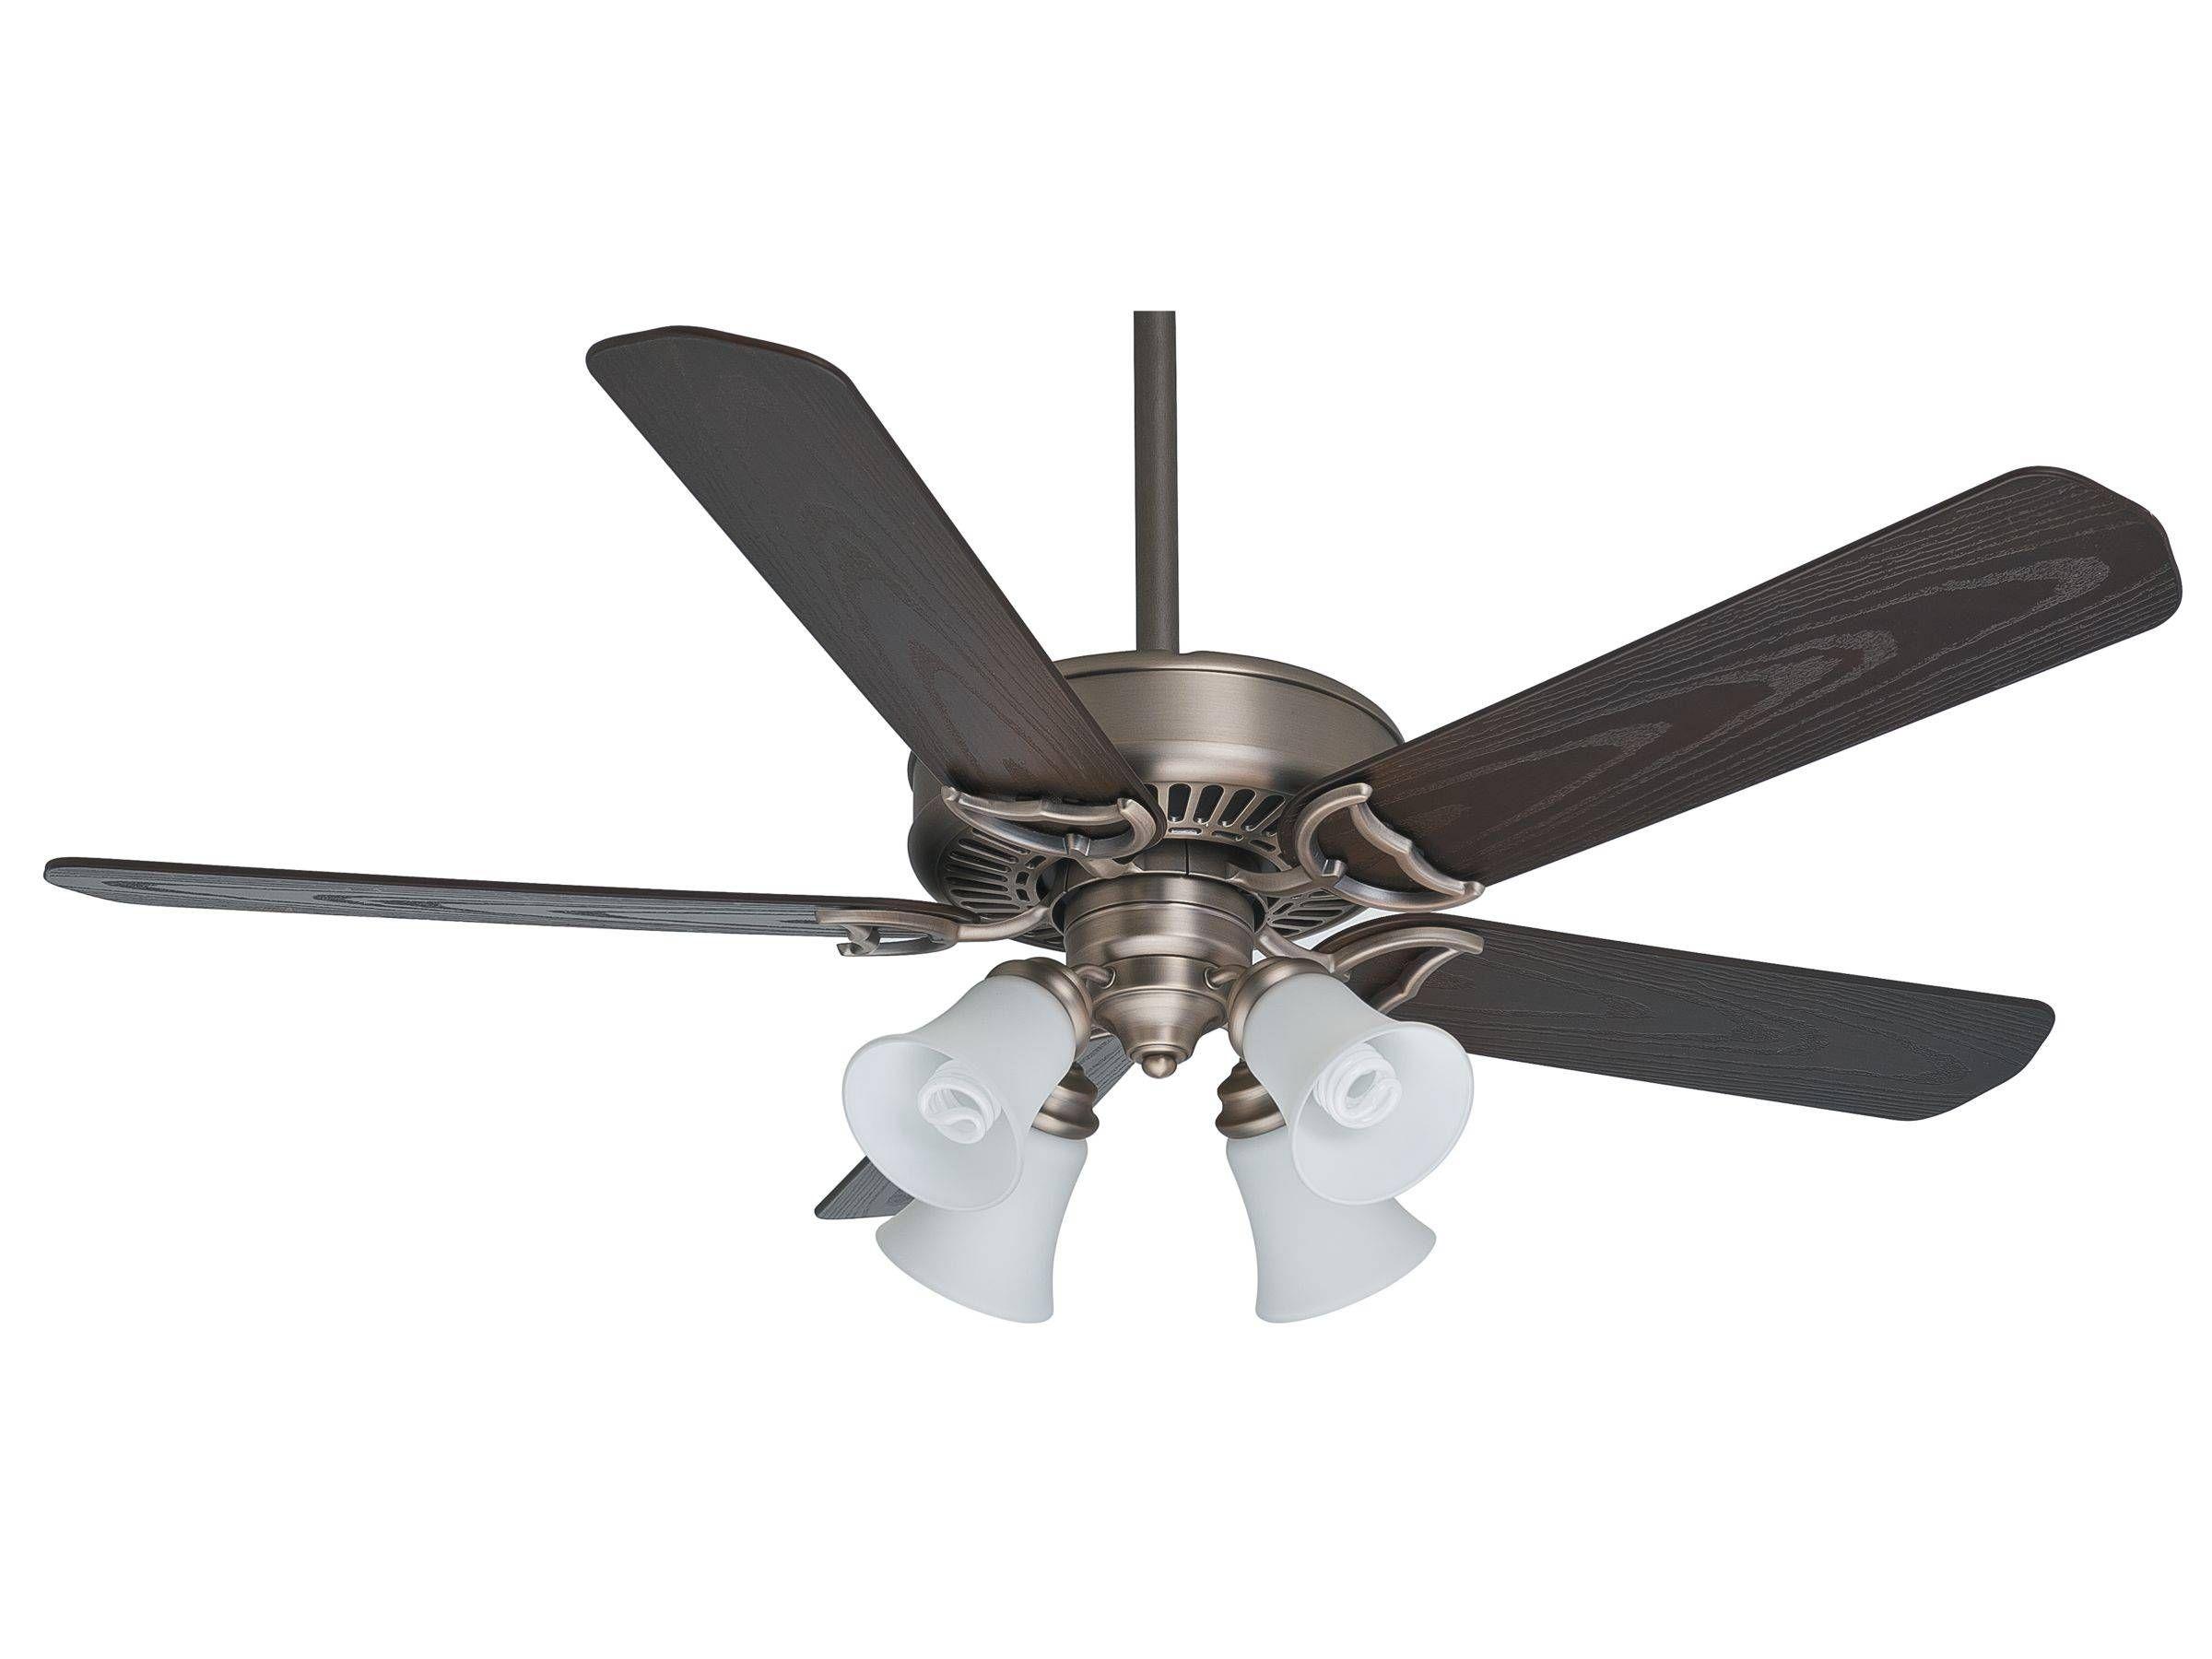 casablanca panamagallery ca 55059 airflow rating 0 cfm cubic feet per minute vintage ceiling fans antique fan kichler 747613